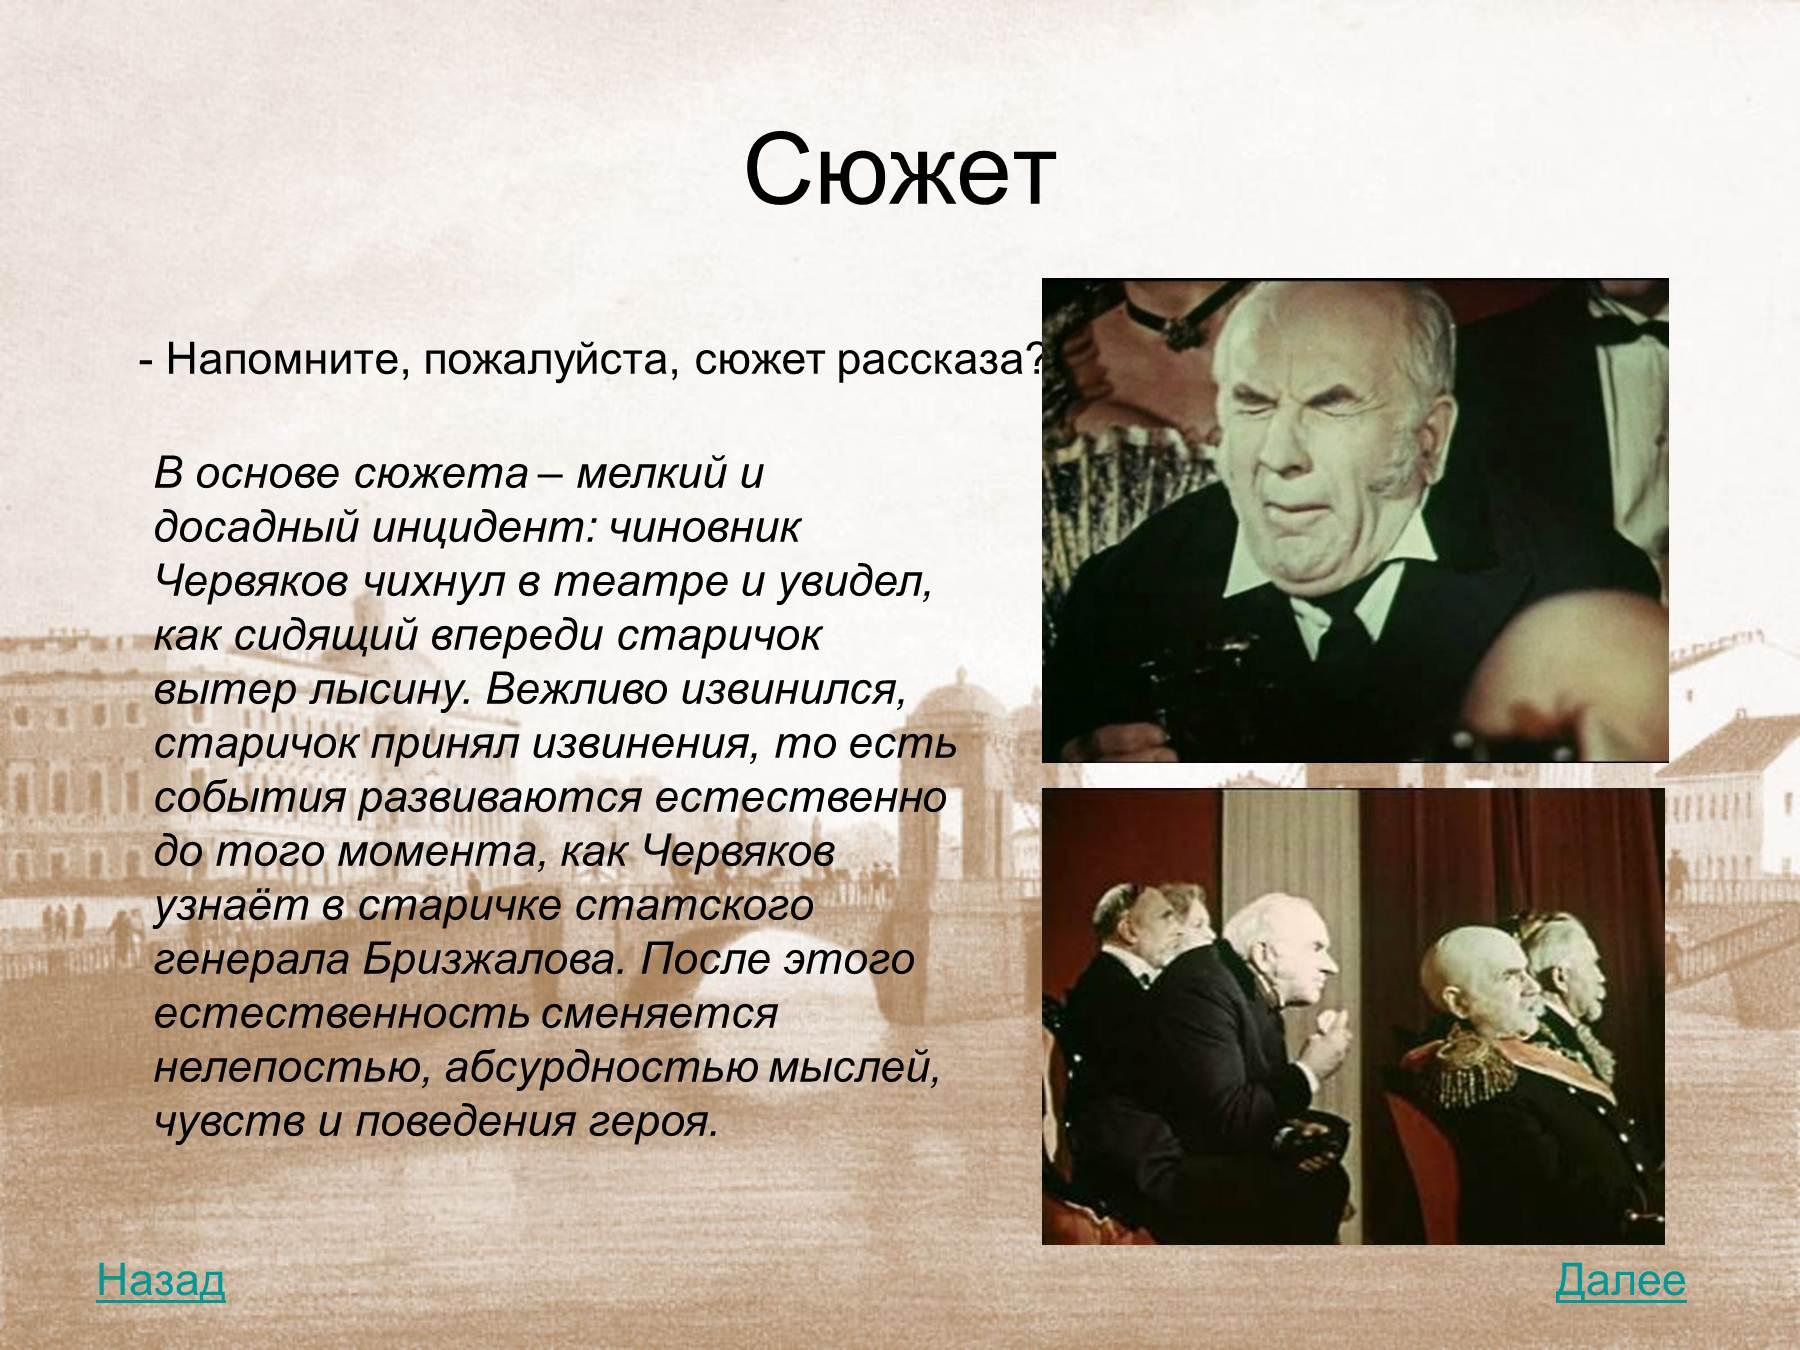 Сценарии по рассказам чехова